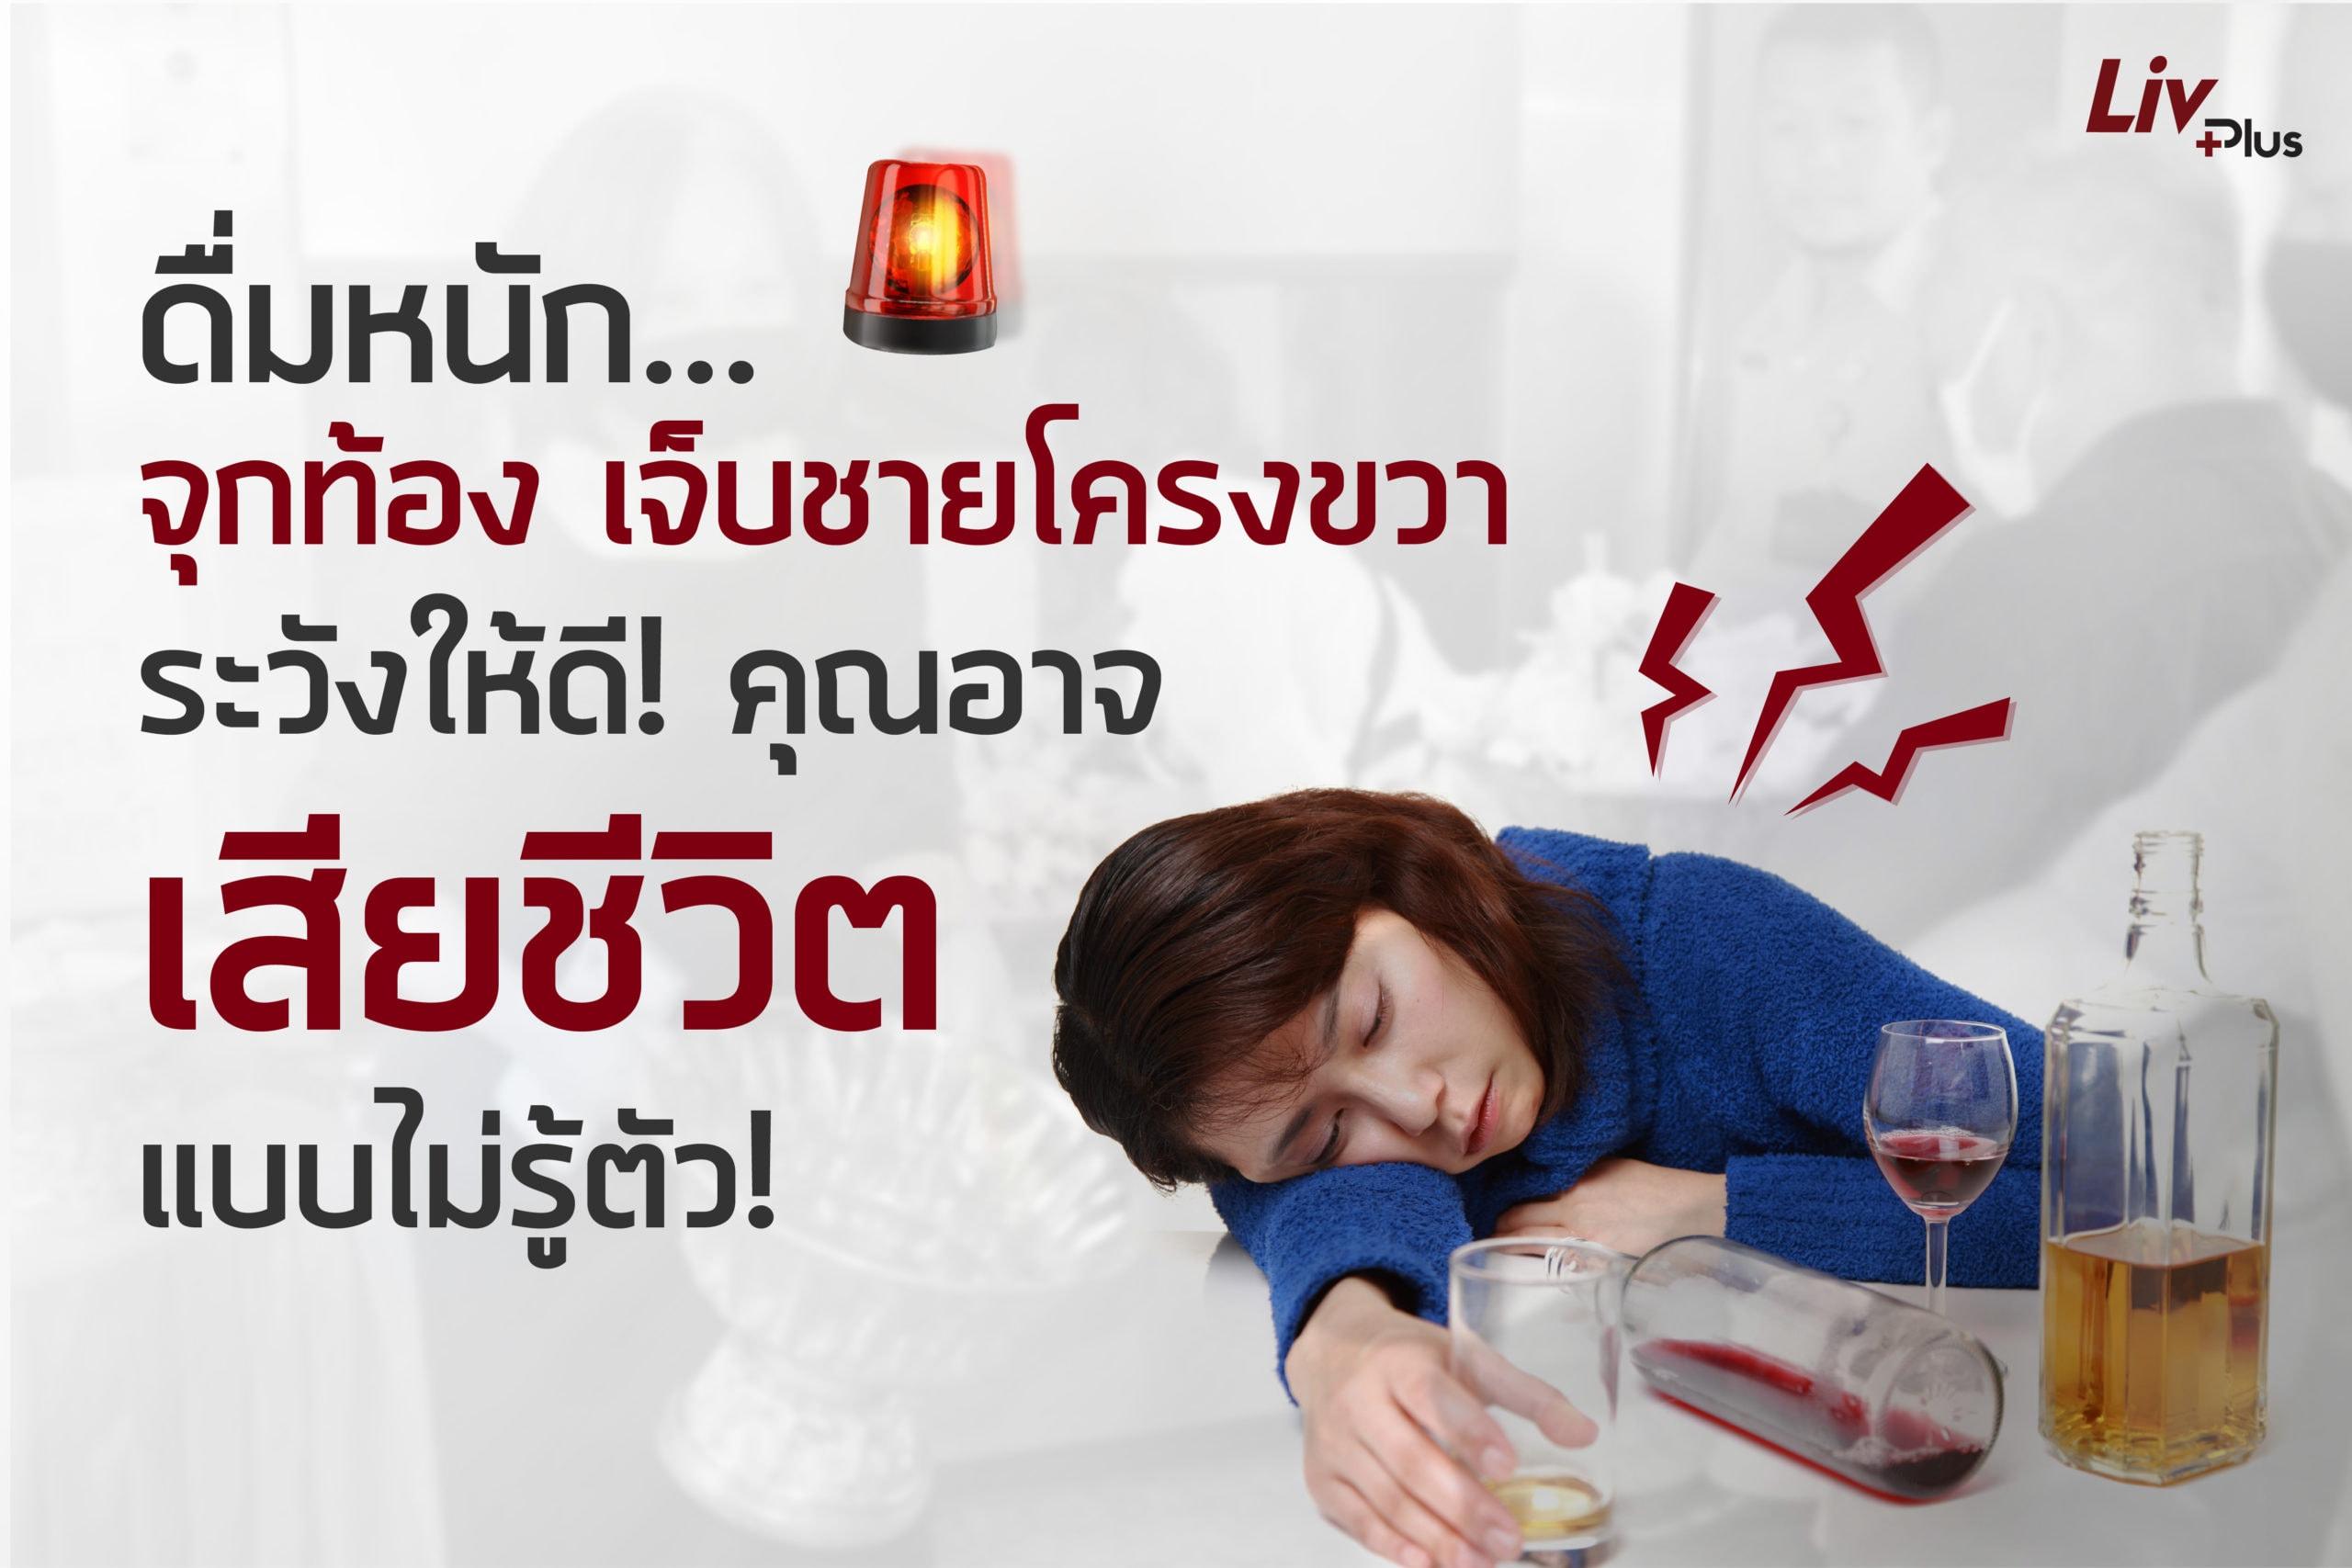 ดื่มหนัก จุกท้อง เจ็บโครงขวา ระวังให้ดี! คุณอาจเสียชีวิตแบบไม่รู้ตัว!